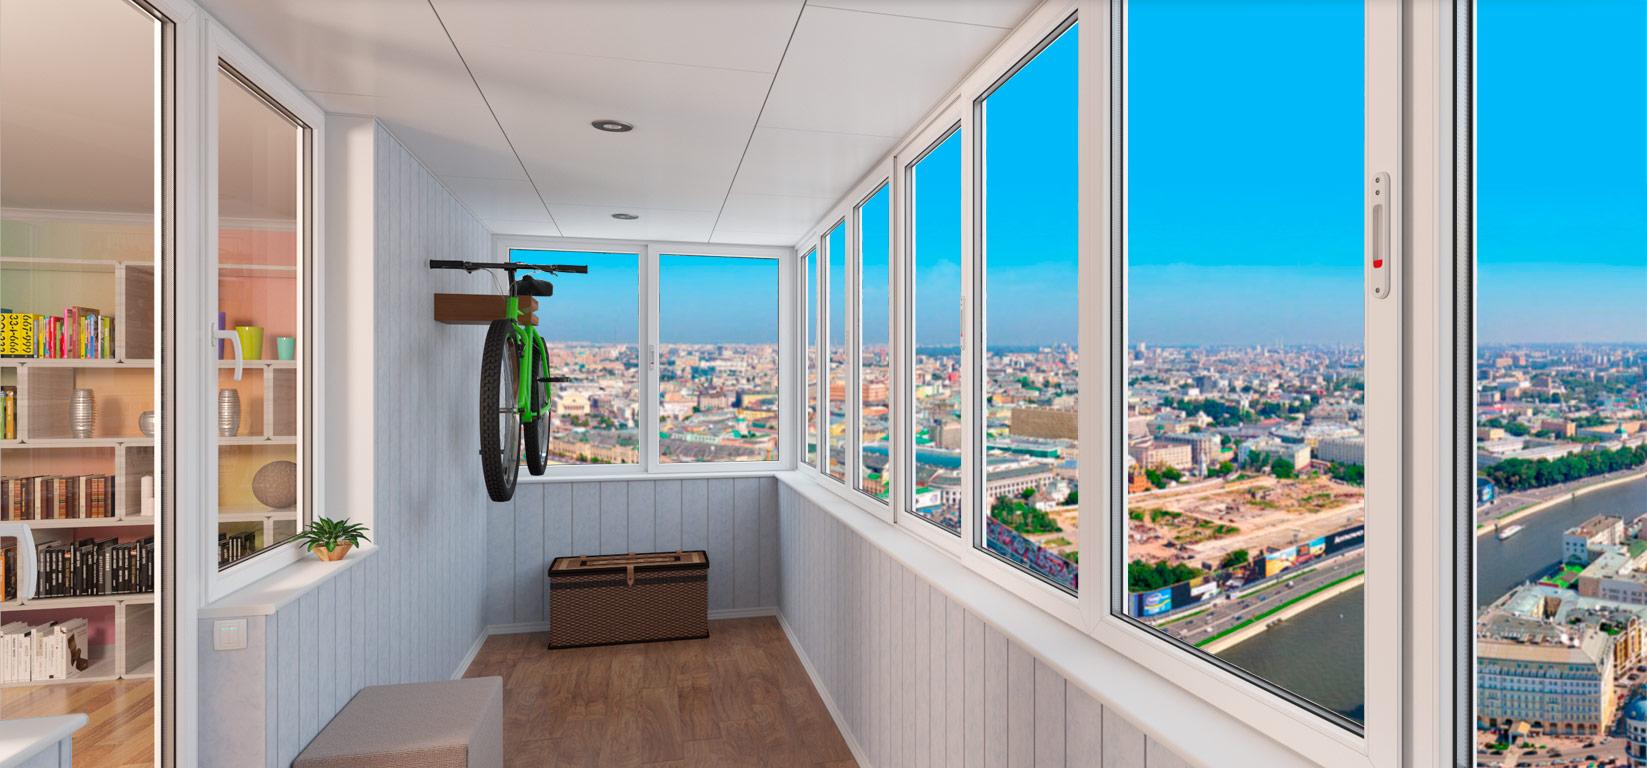 Фирмы занимающиеся остеклением балконов балкон остекление сыктывкар